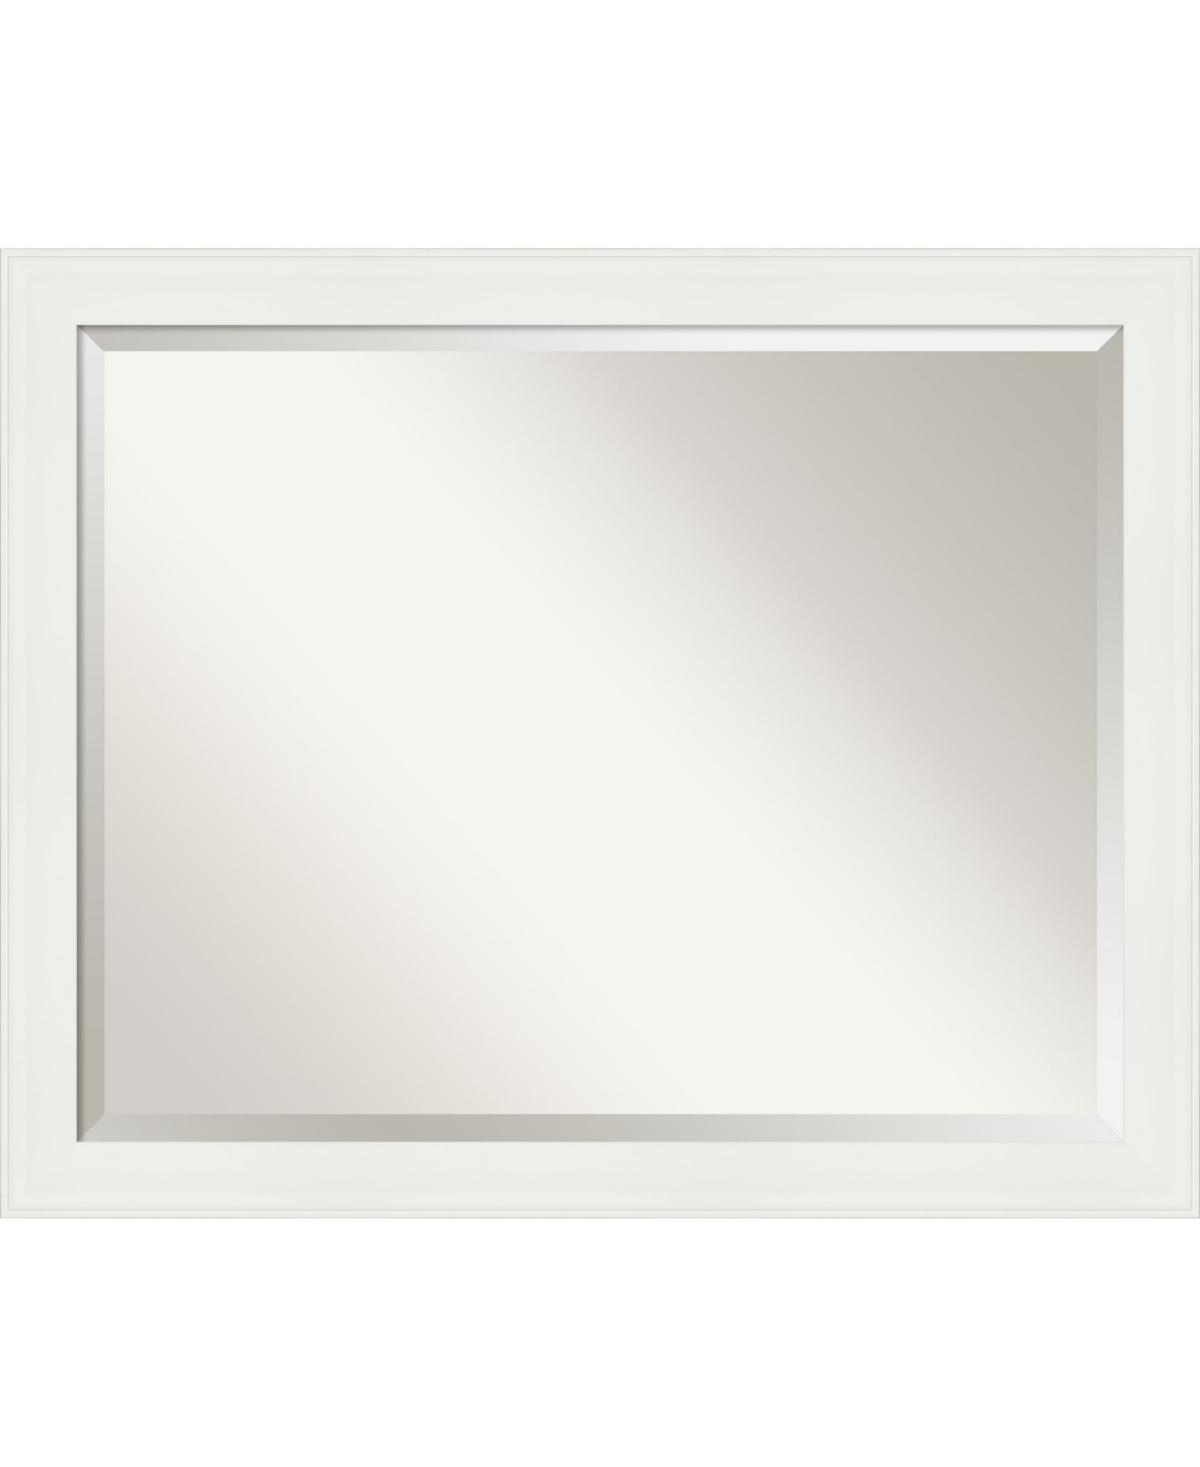 Amanti Art Vanity Framed Bathroom Vanity Wall Mirror, 31.38